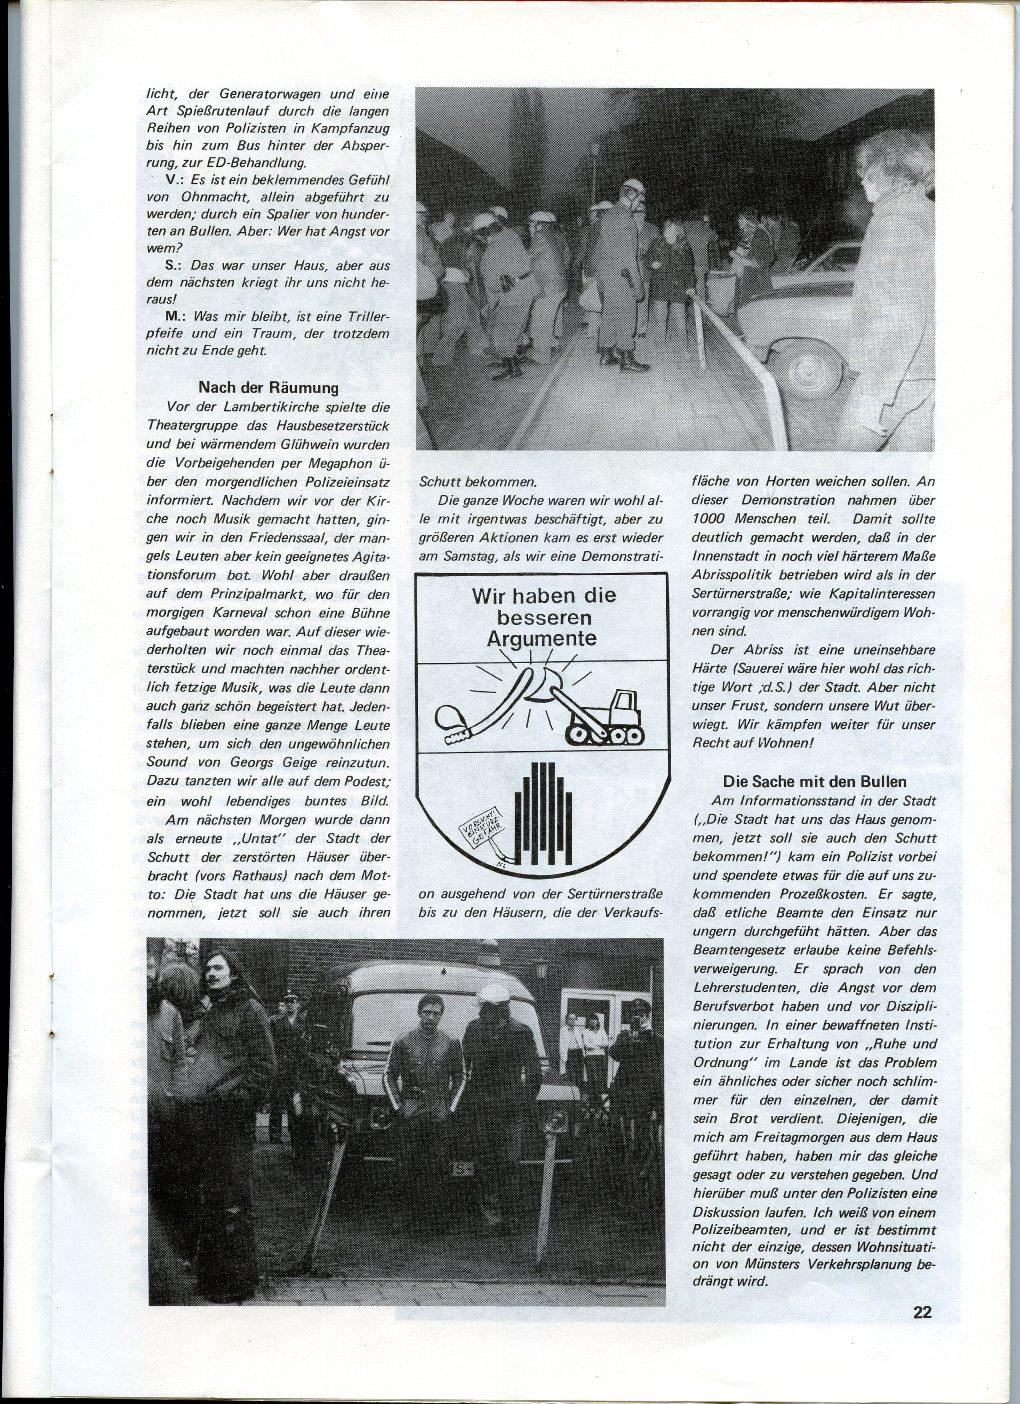 Muenster_Hausbesetzung_1980_23